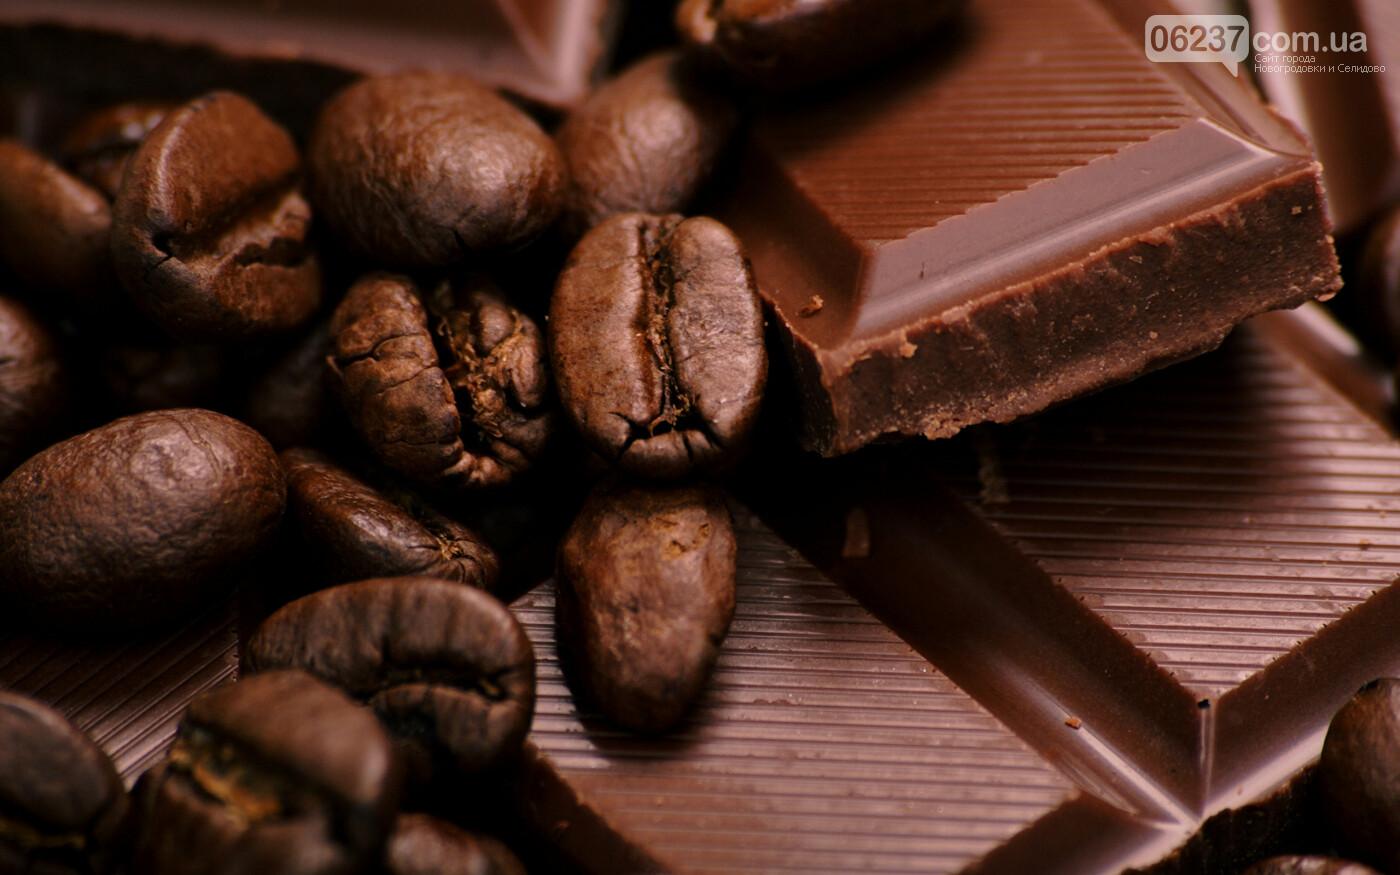 Украина увеличила экспорт шоколада, фото-1